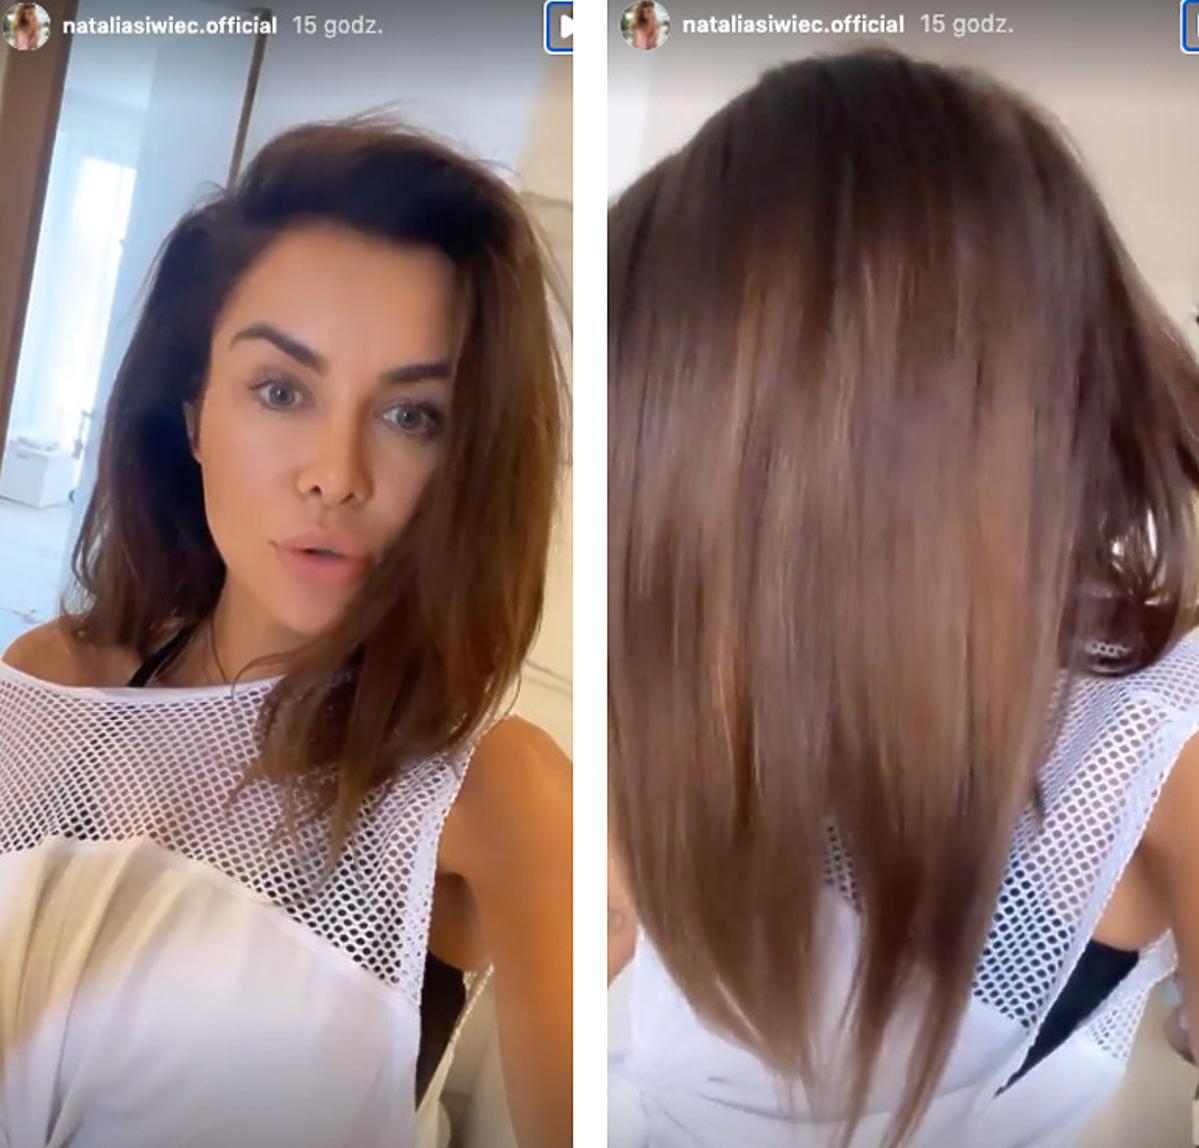 Natalia Siwiec w nowej fryzurze - zrezygnowała z doczepianych włosów